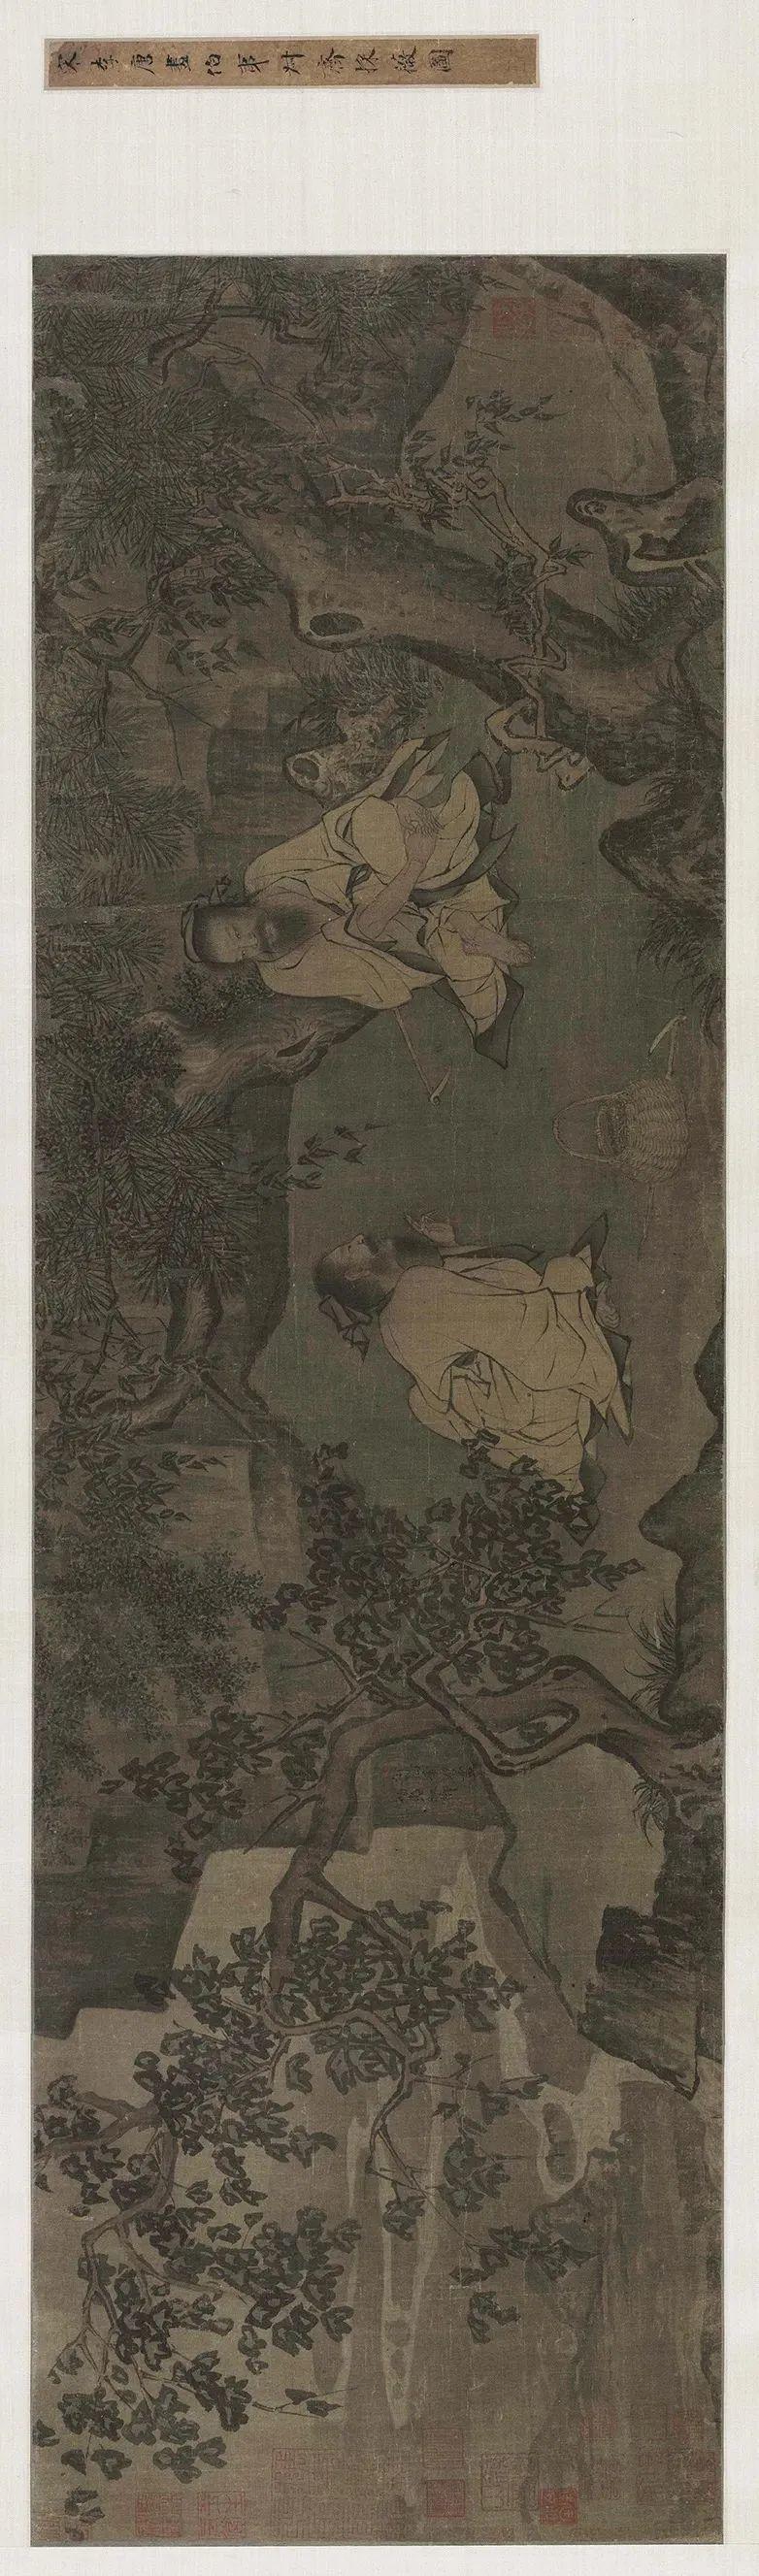 這可能是中國繪畫里最深沉的一張臉